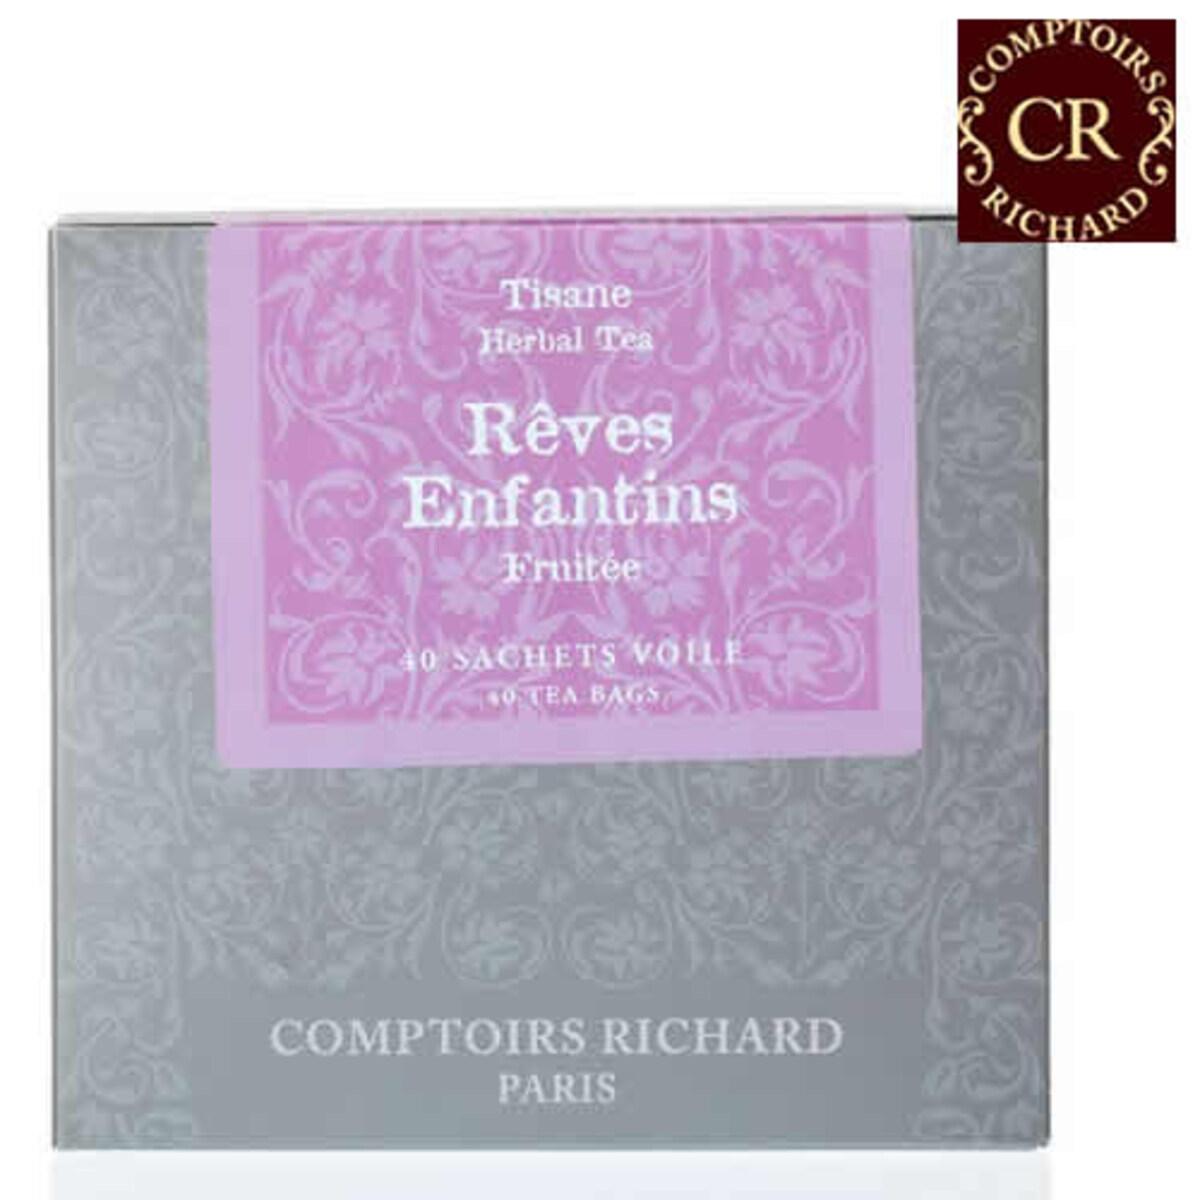 Comptoirs Richard - 40бр сашета билков чай Детски мечти